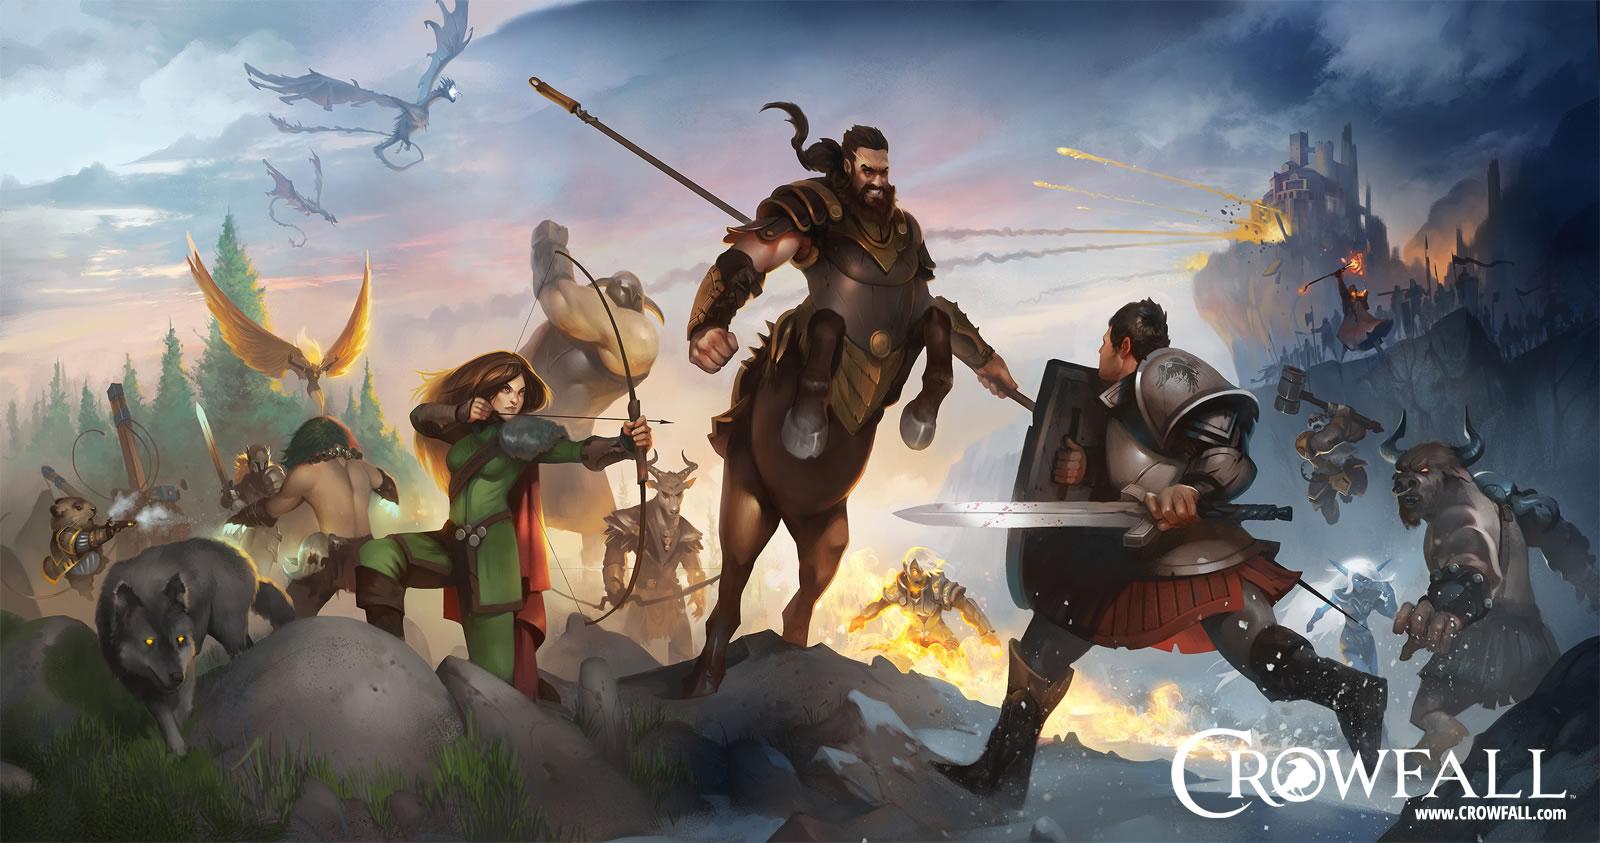 Crowfall: Игра прощается с архетипами и ведет себя странно